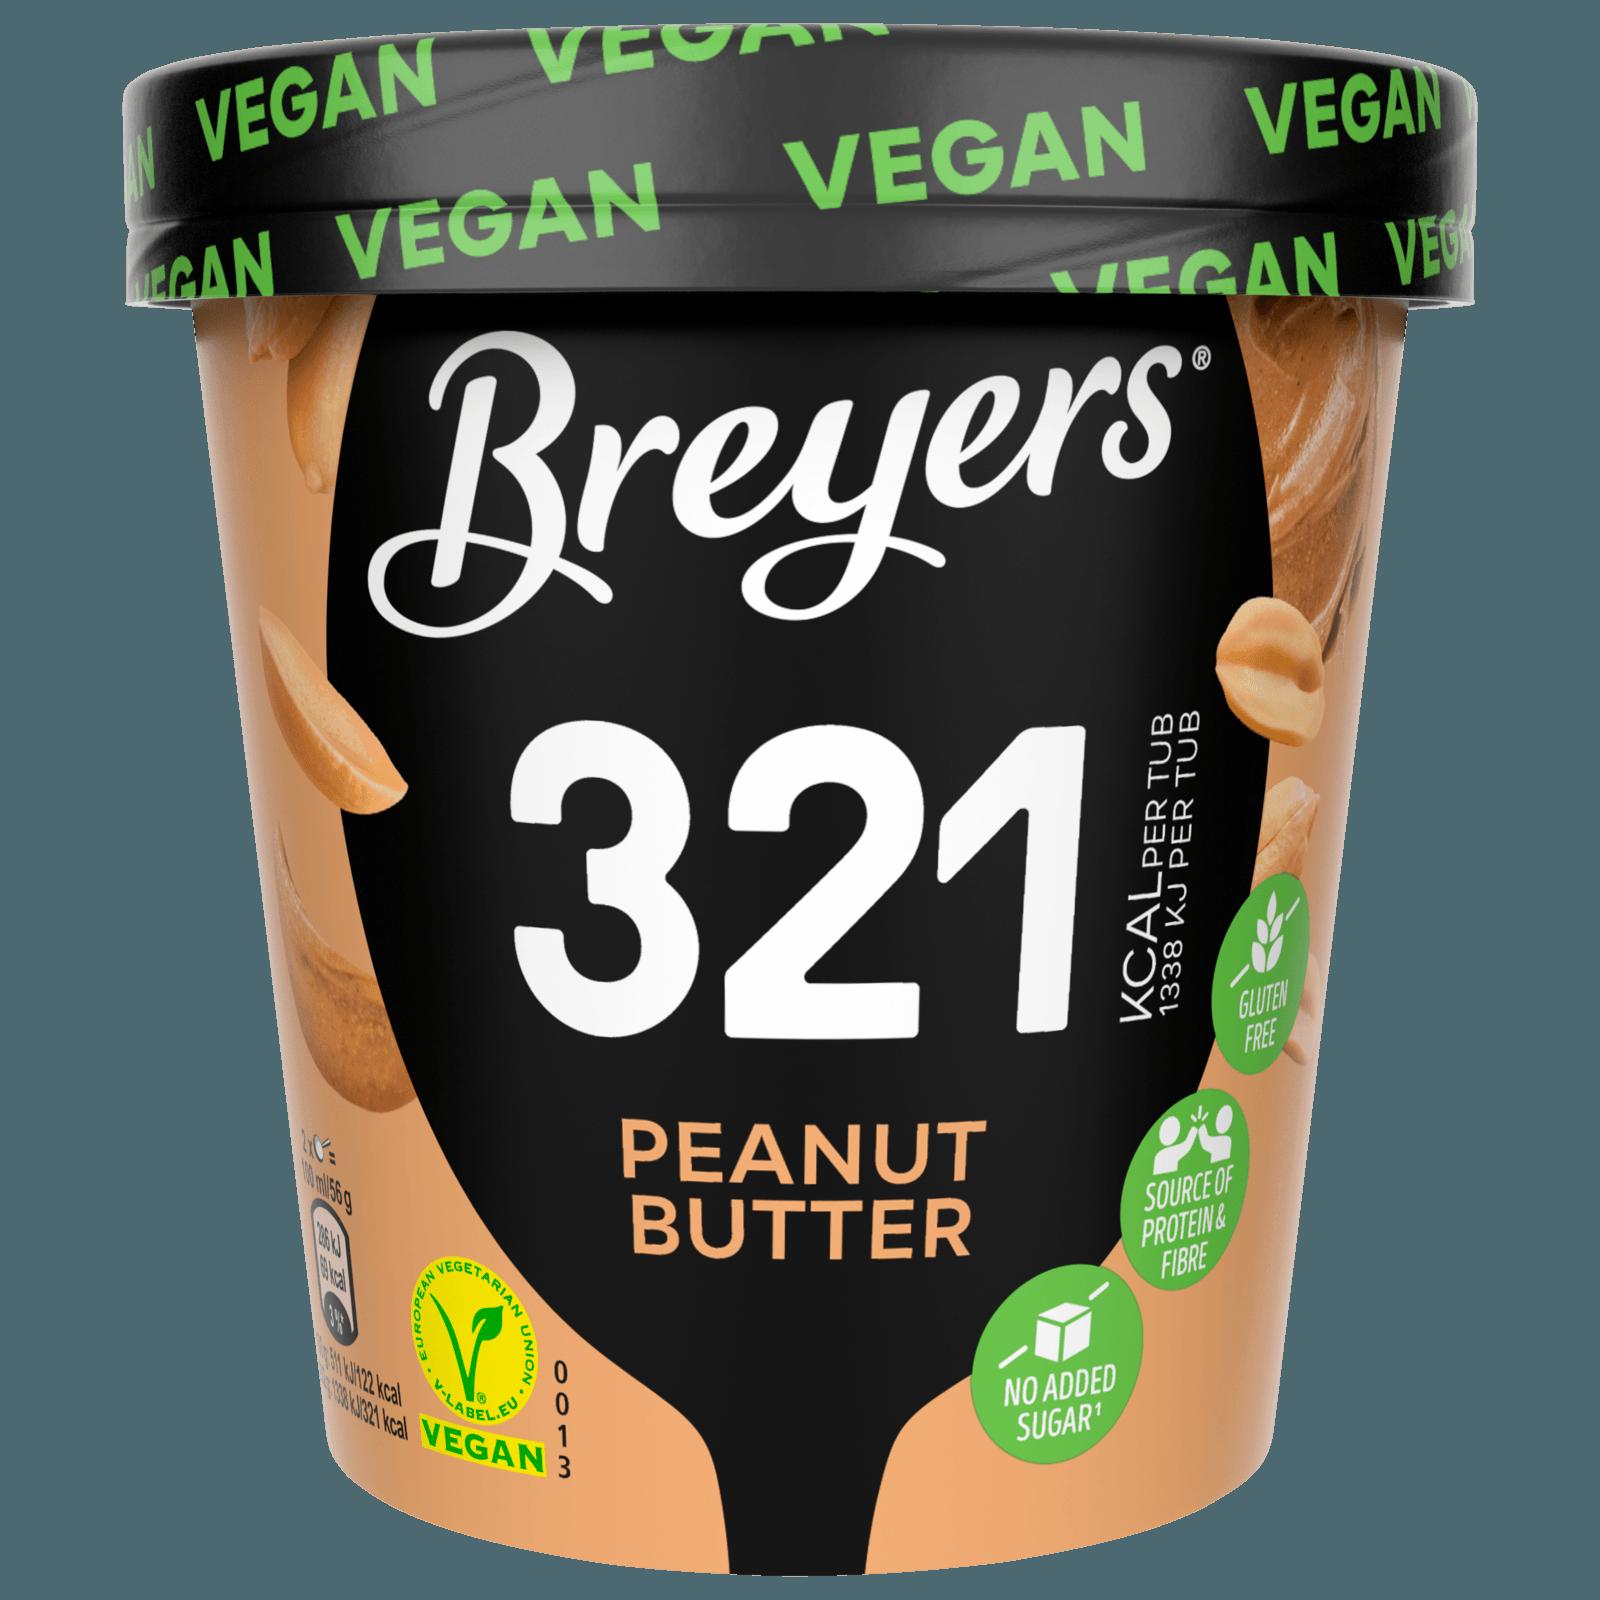 Breyers Erdnussbutter Eiscreme 20ml bei REWE online bestellen